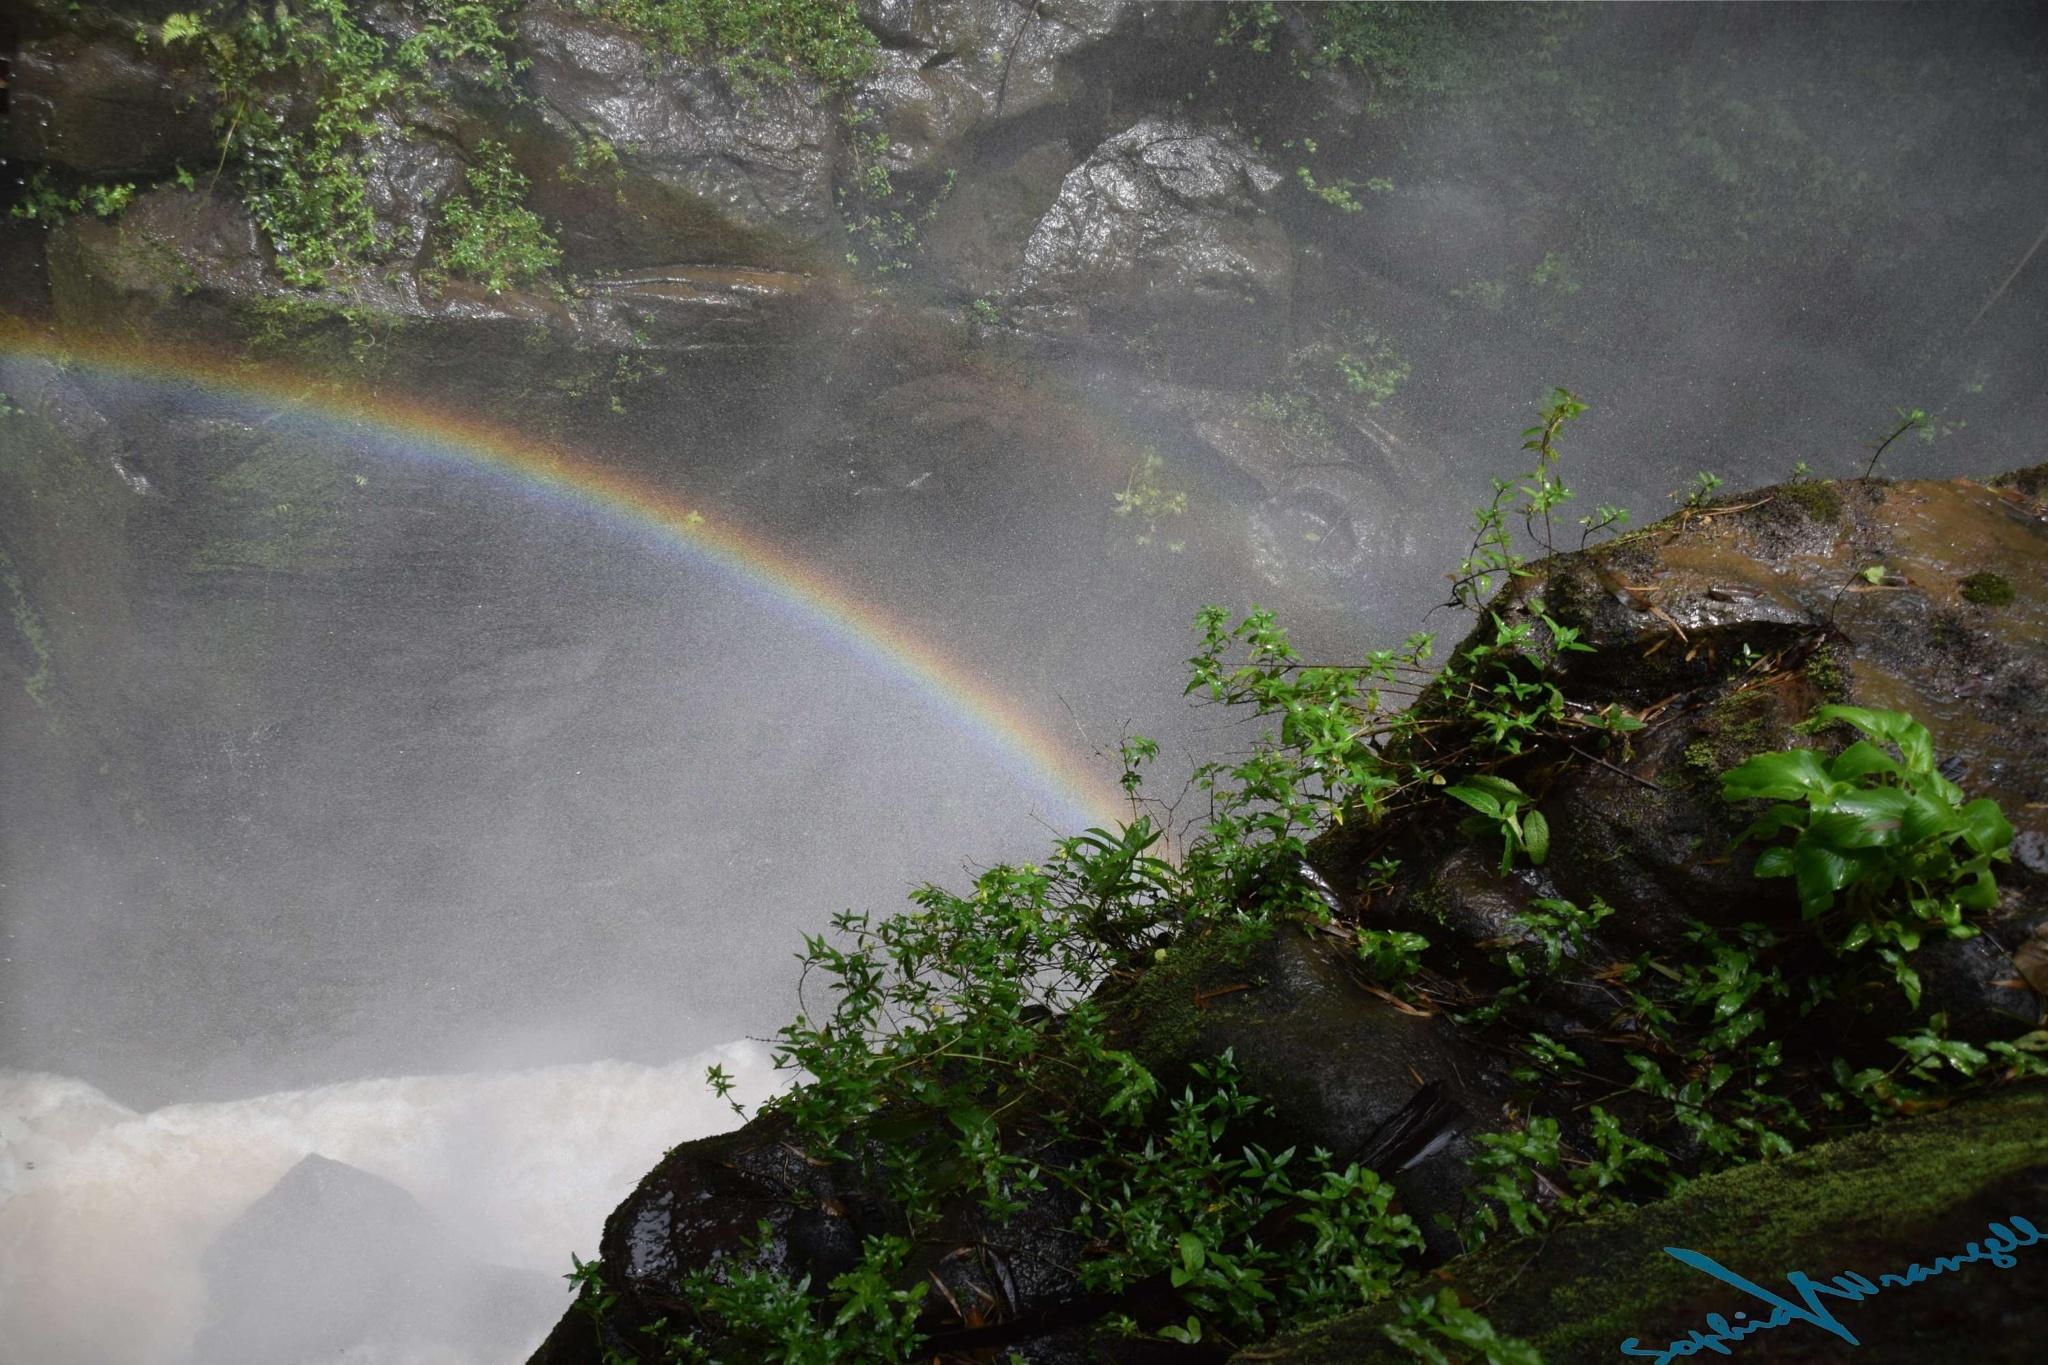 Rainbow caused by a random sun ray by Sophia von Wrangell